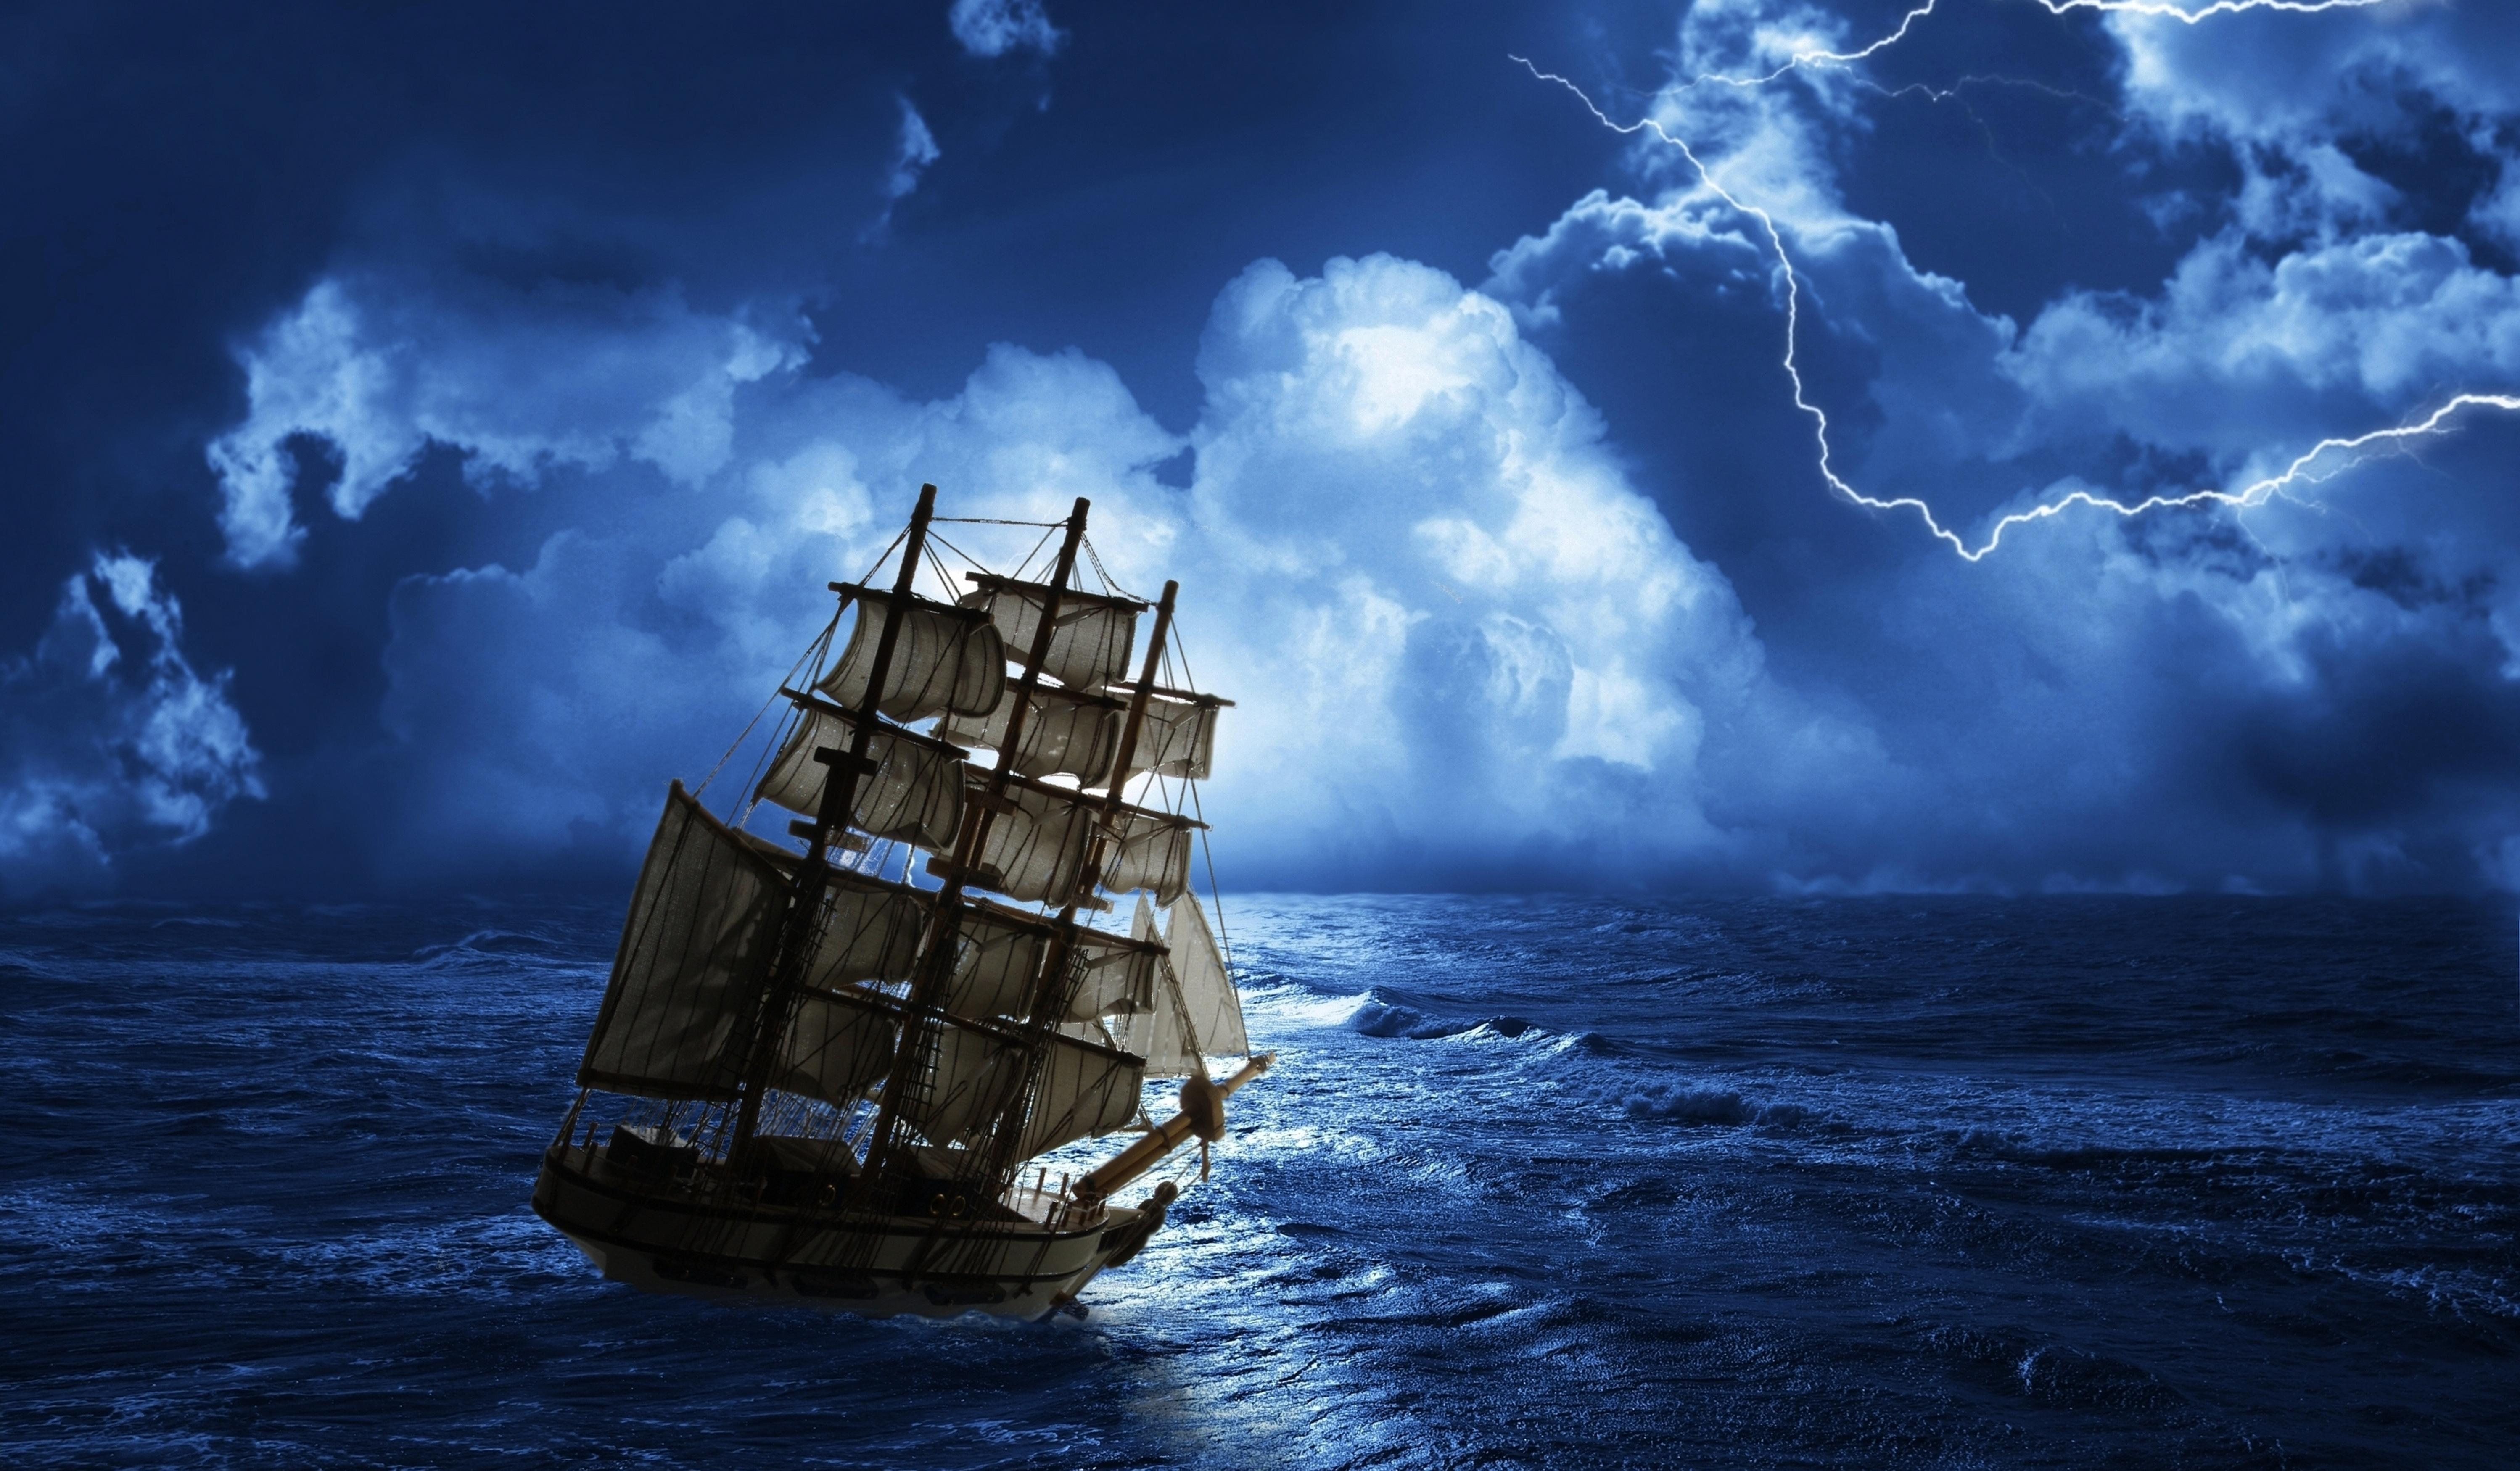 одна самых корабль в природе картинка красивой пары